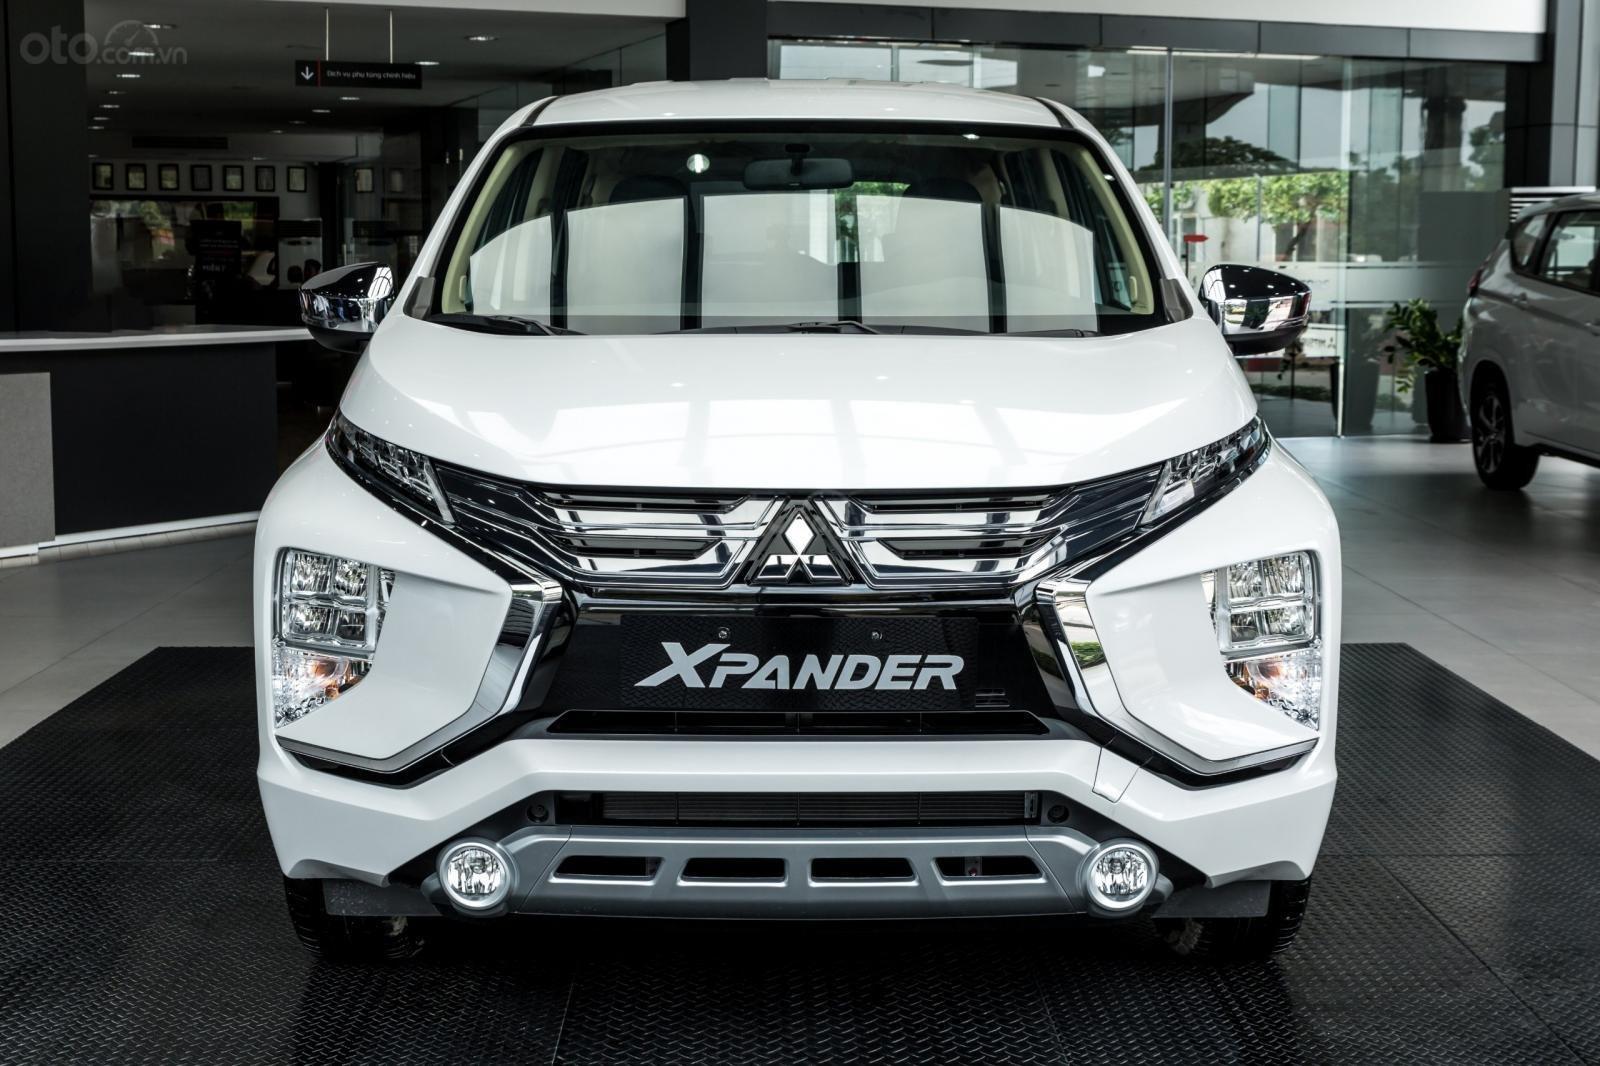 Mitsubishi Xpander 2020 - Giá cực tốt, hỗ trợ 50% thuế, tặng BHTV, lượng xe có hạn (1)